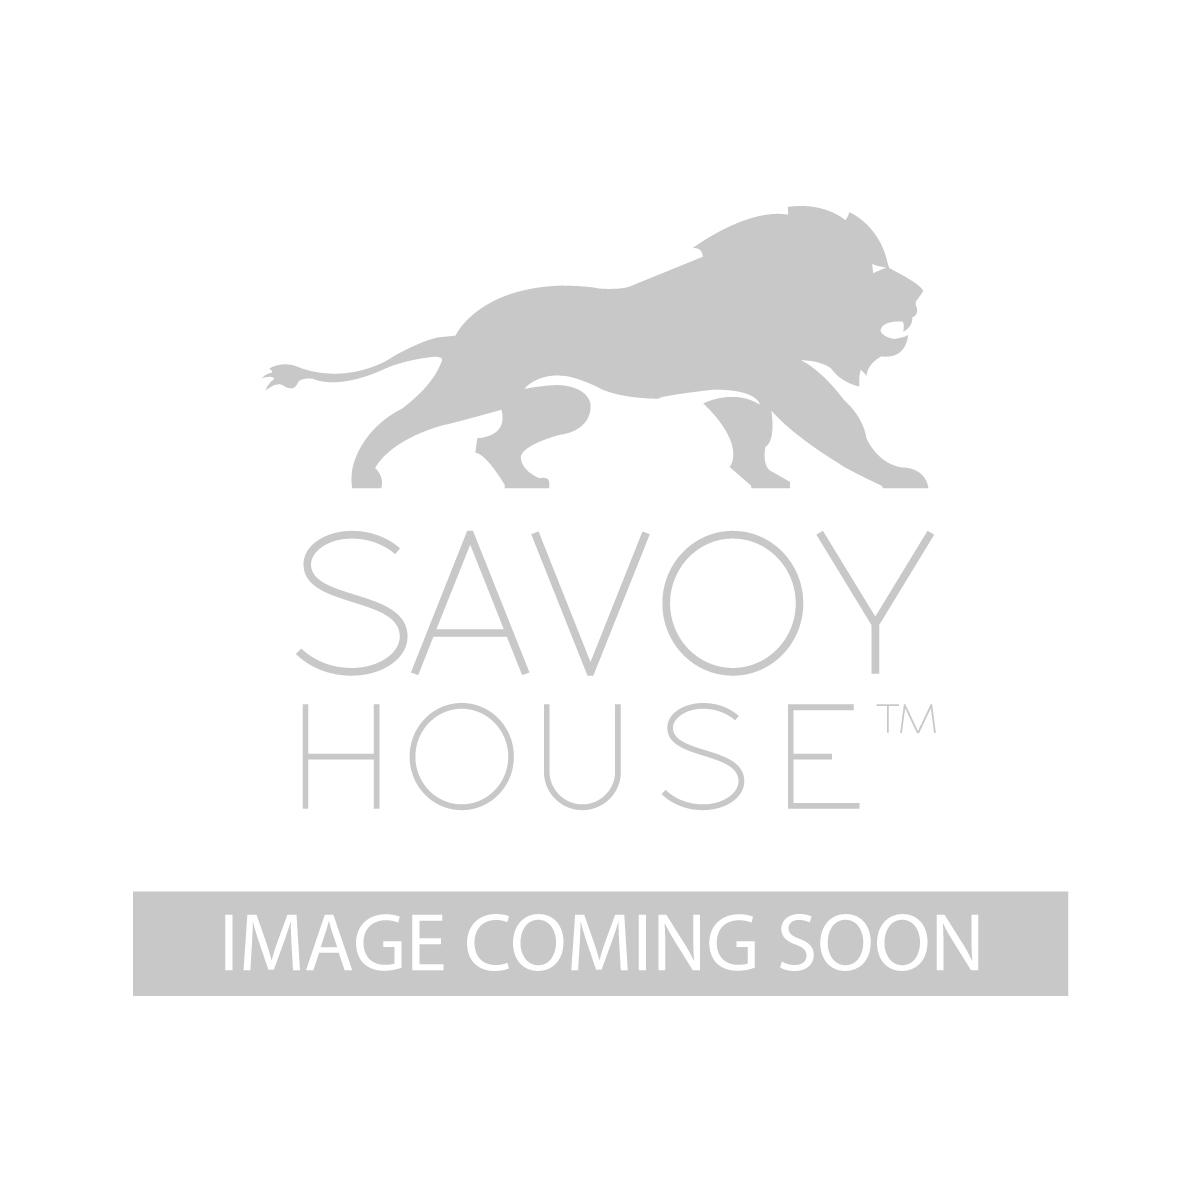 56 870 3CN 35 Muir 56 inch 3 Blade Ceiling Fan by Savoy House